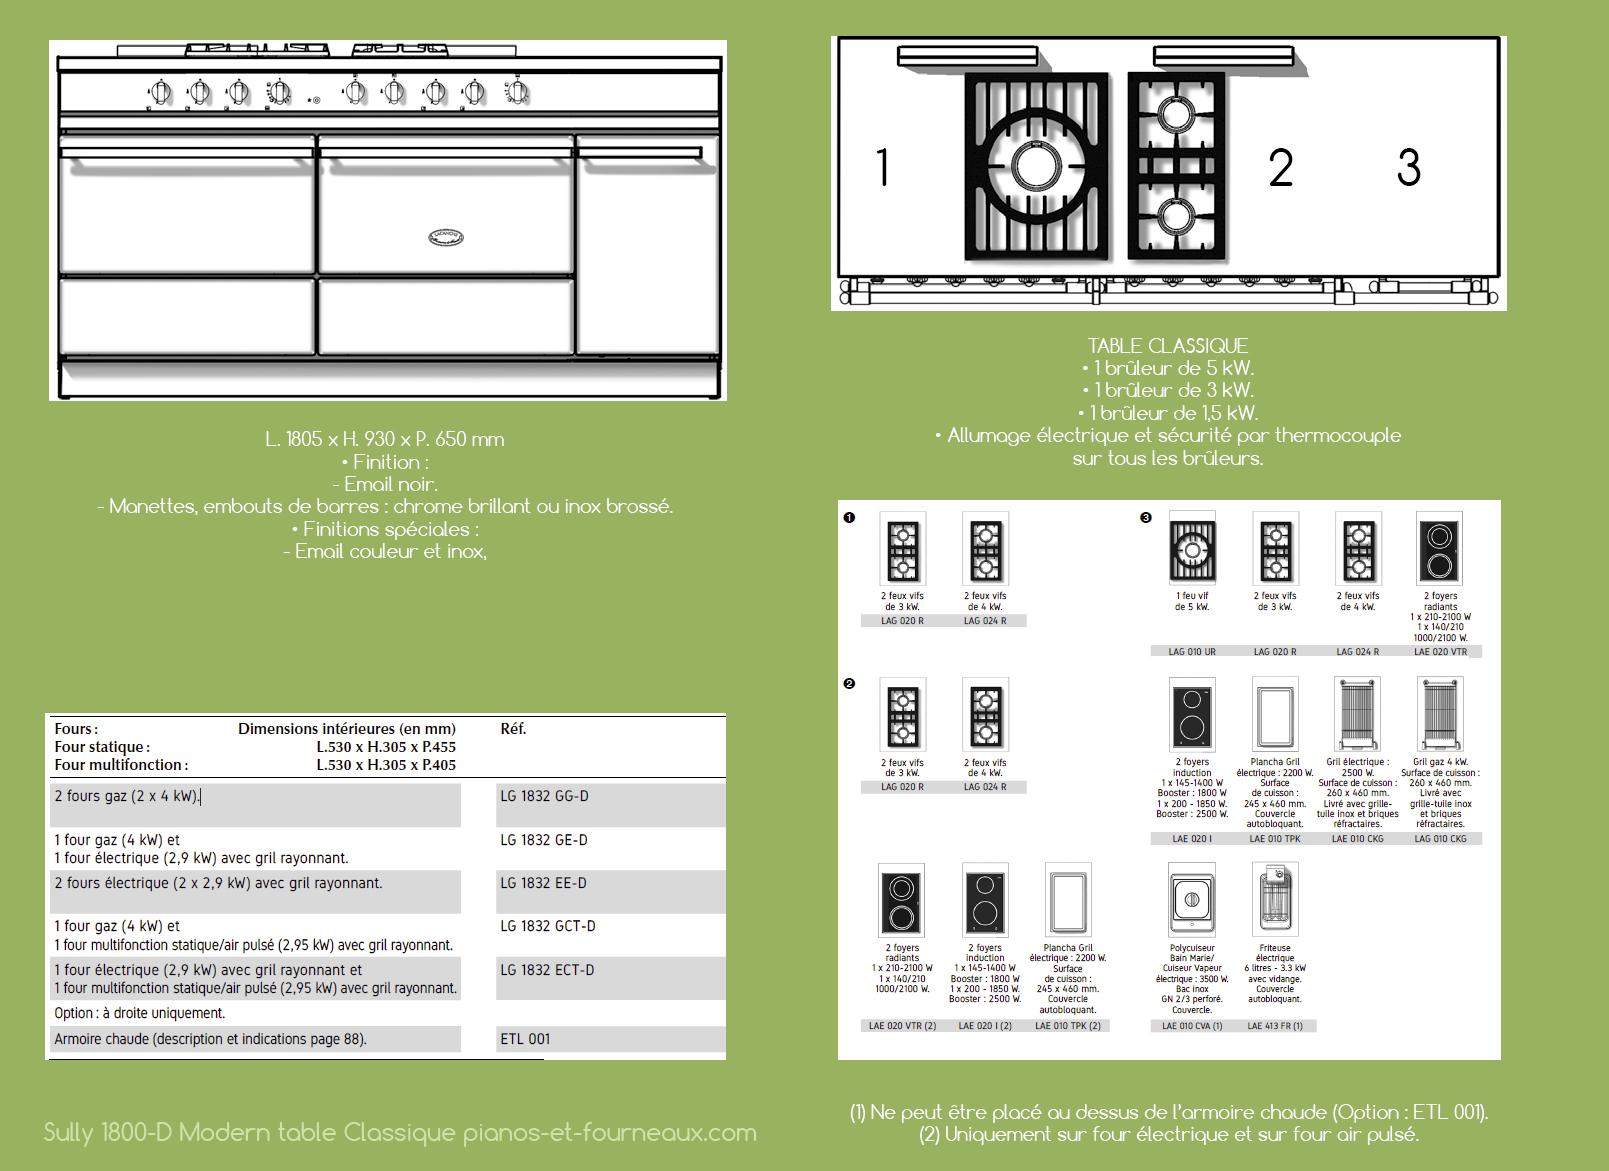 Sully 1800 D Moderne Classique configurations possibles - pianos-et-fourneaux.com le spécialiste des pianos de cuisine et fourneaux de cuisson Lacanche